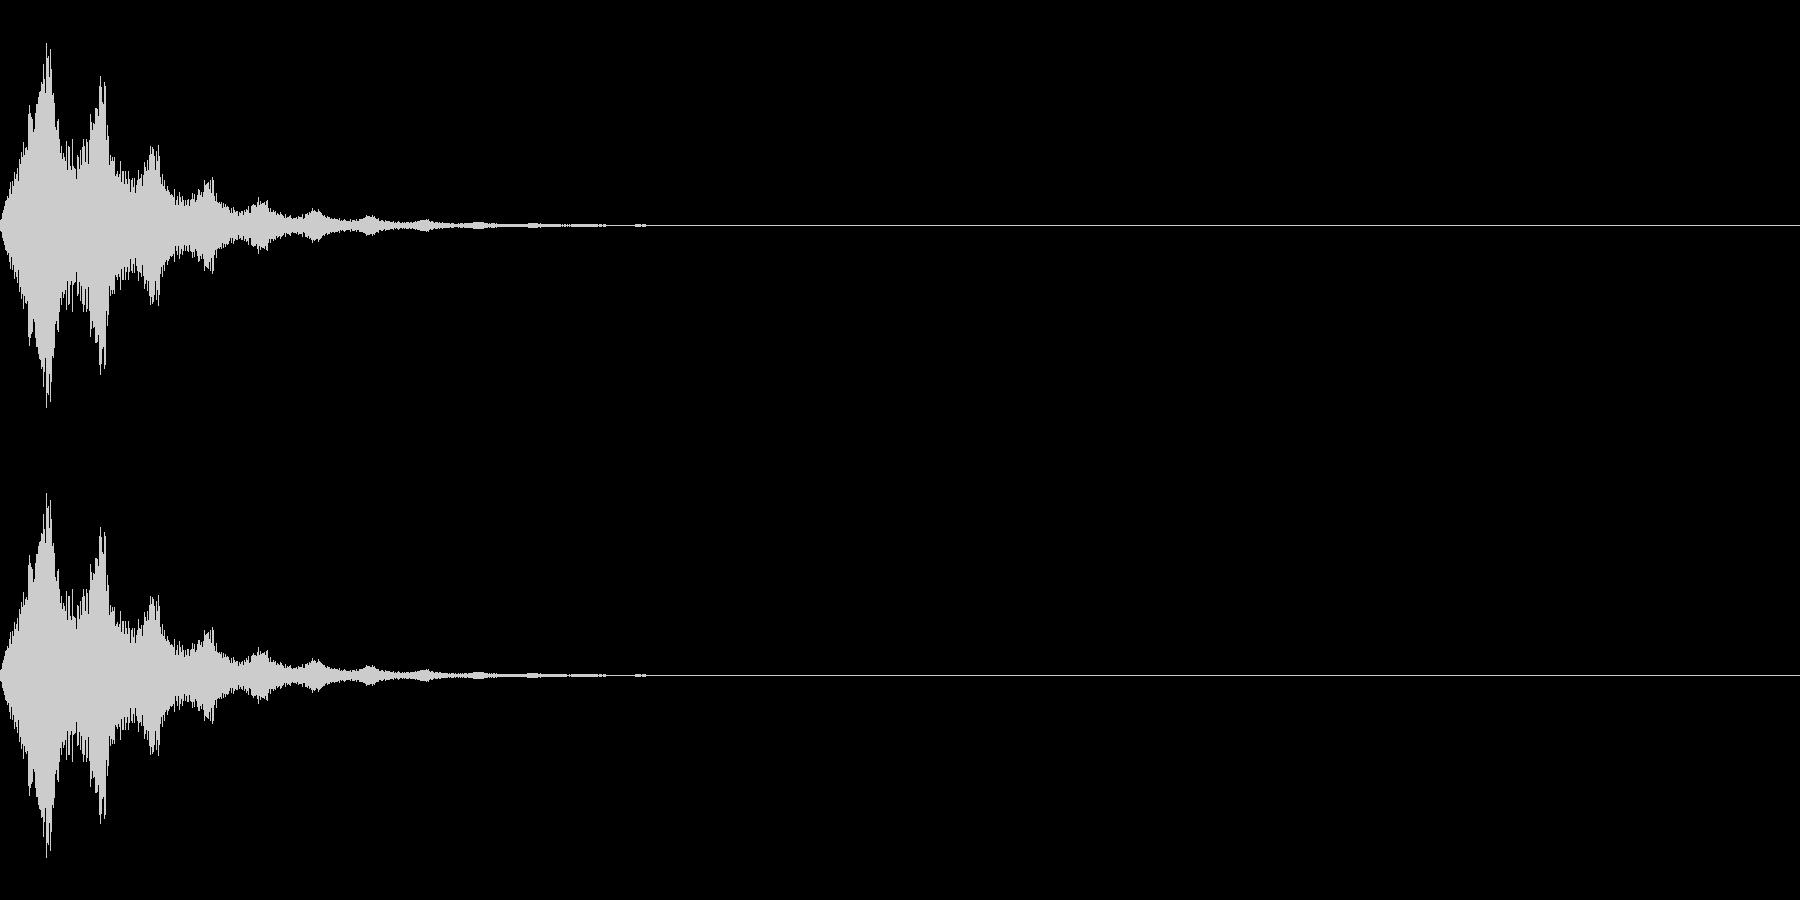 ワープ/転送装置/瞬間移動/SFの未再生の波形